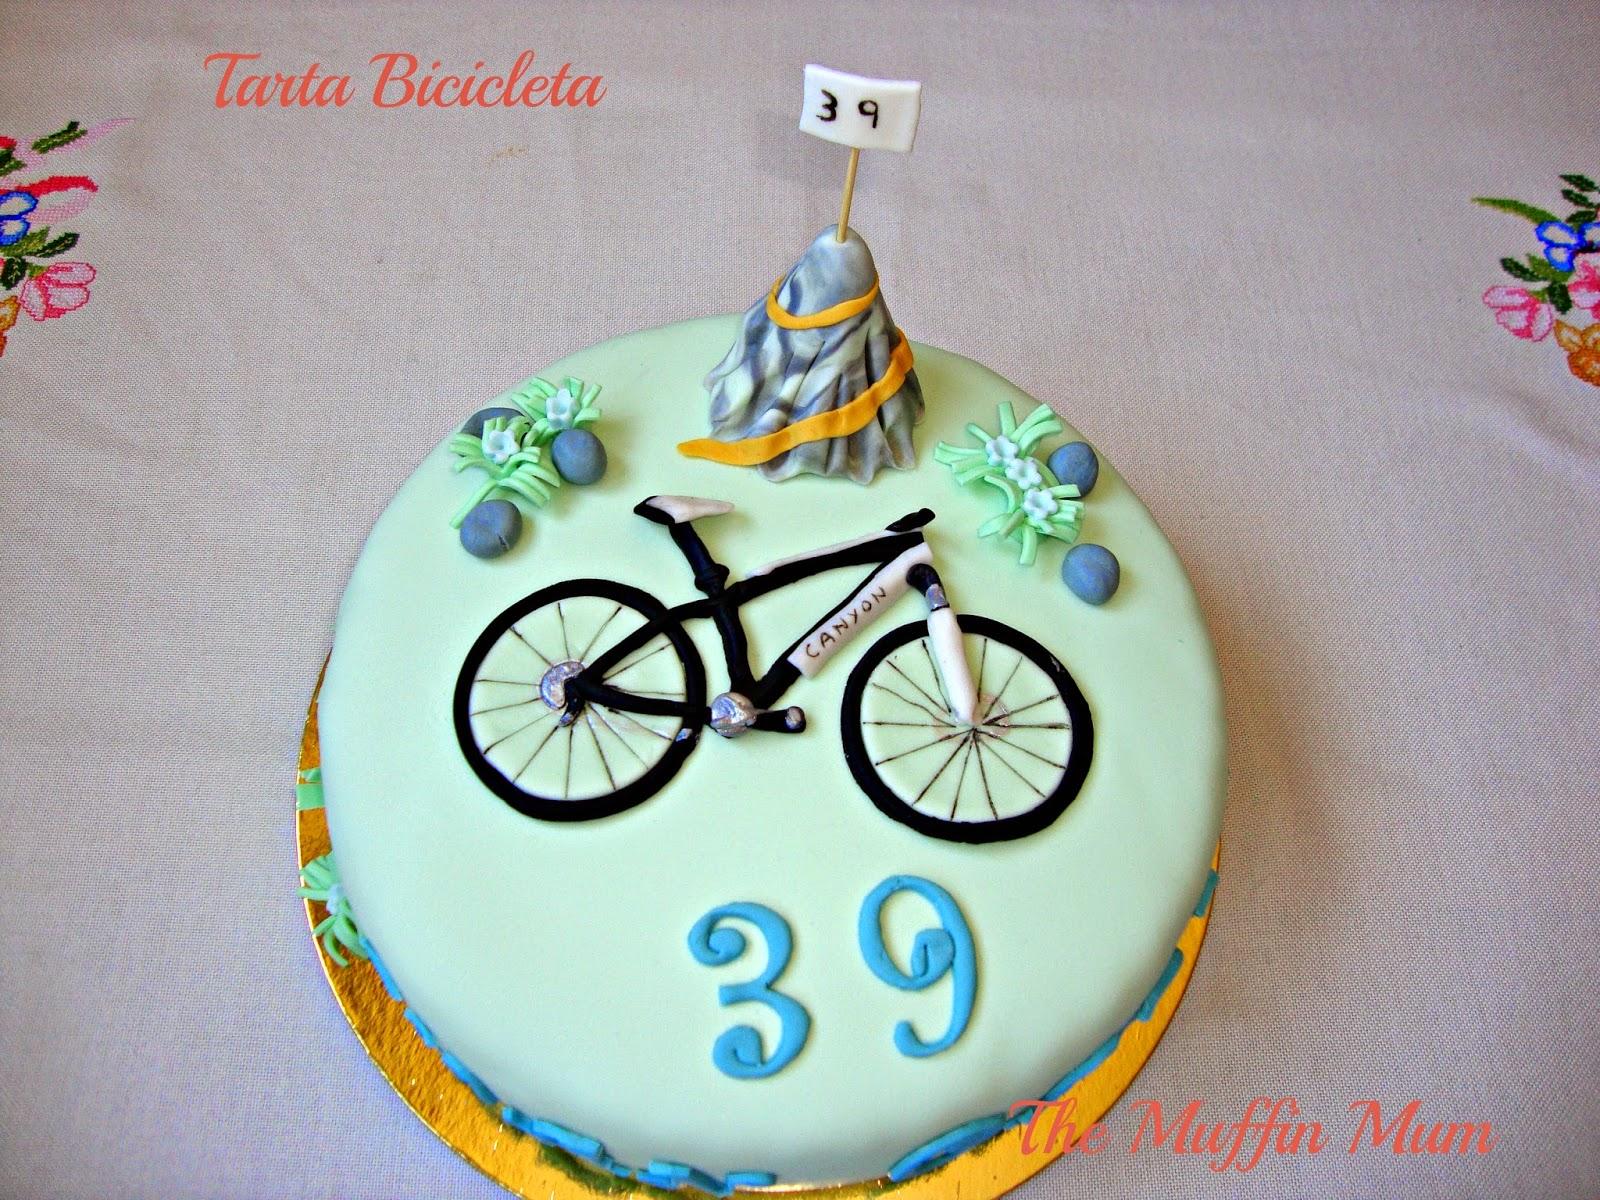 Tarta Bicicleta de montaña